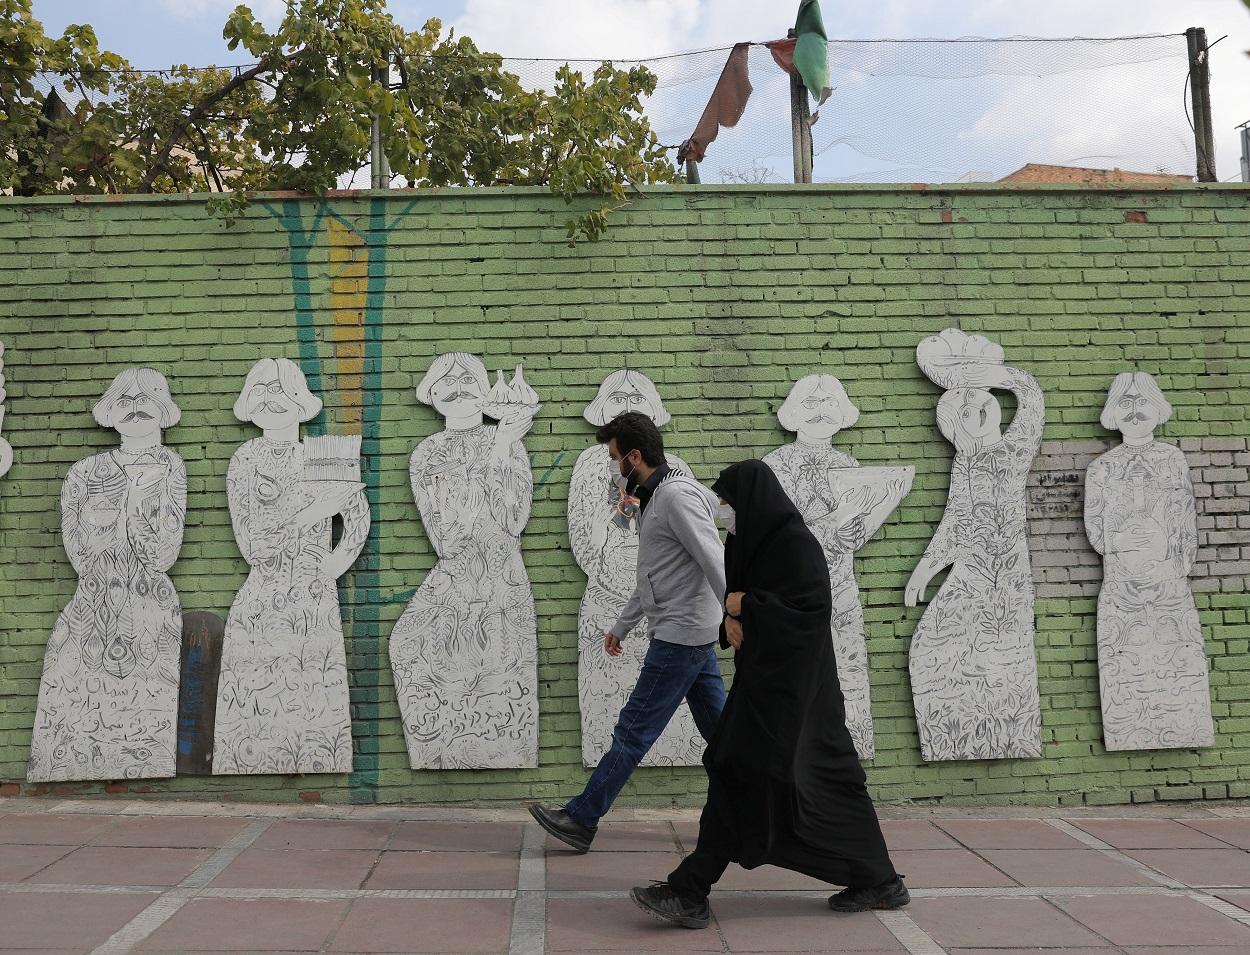 Una pareja pasando por las calles de Teheran (Irán). REUTES/Majid Asgaripour/West Asia News Agency